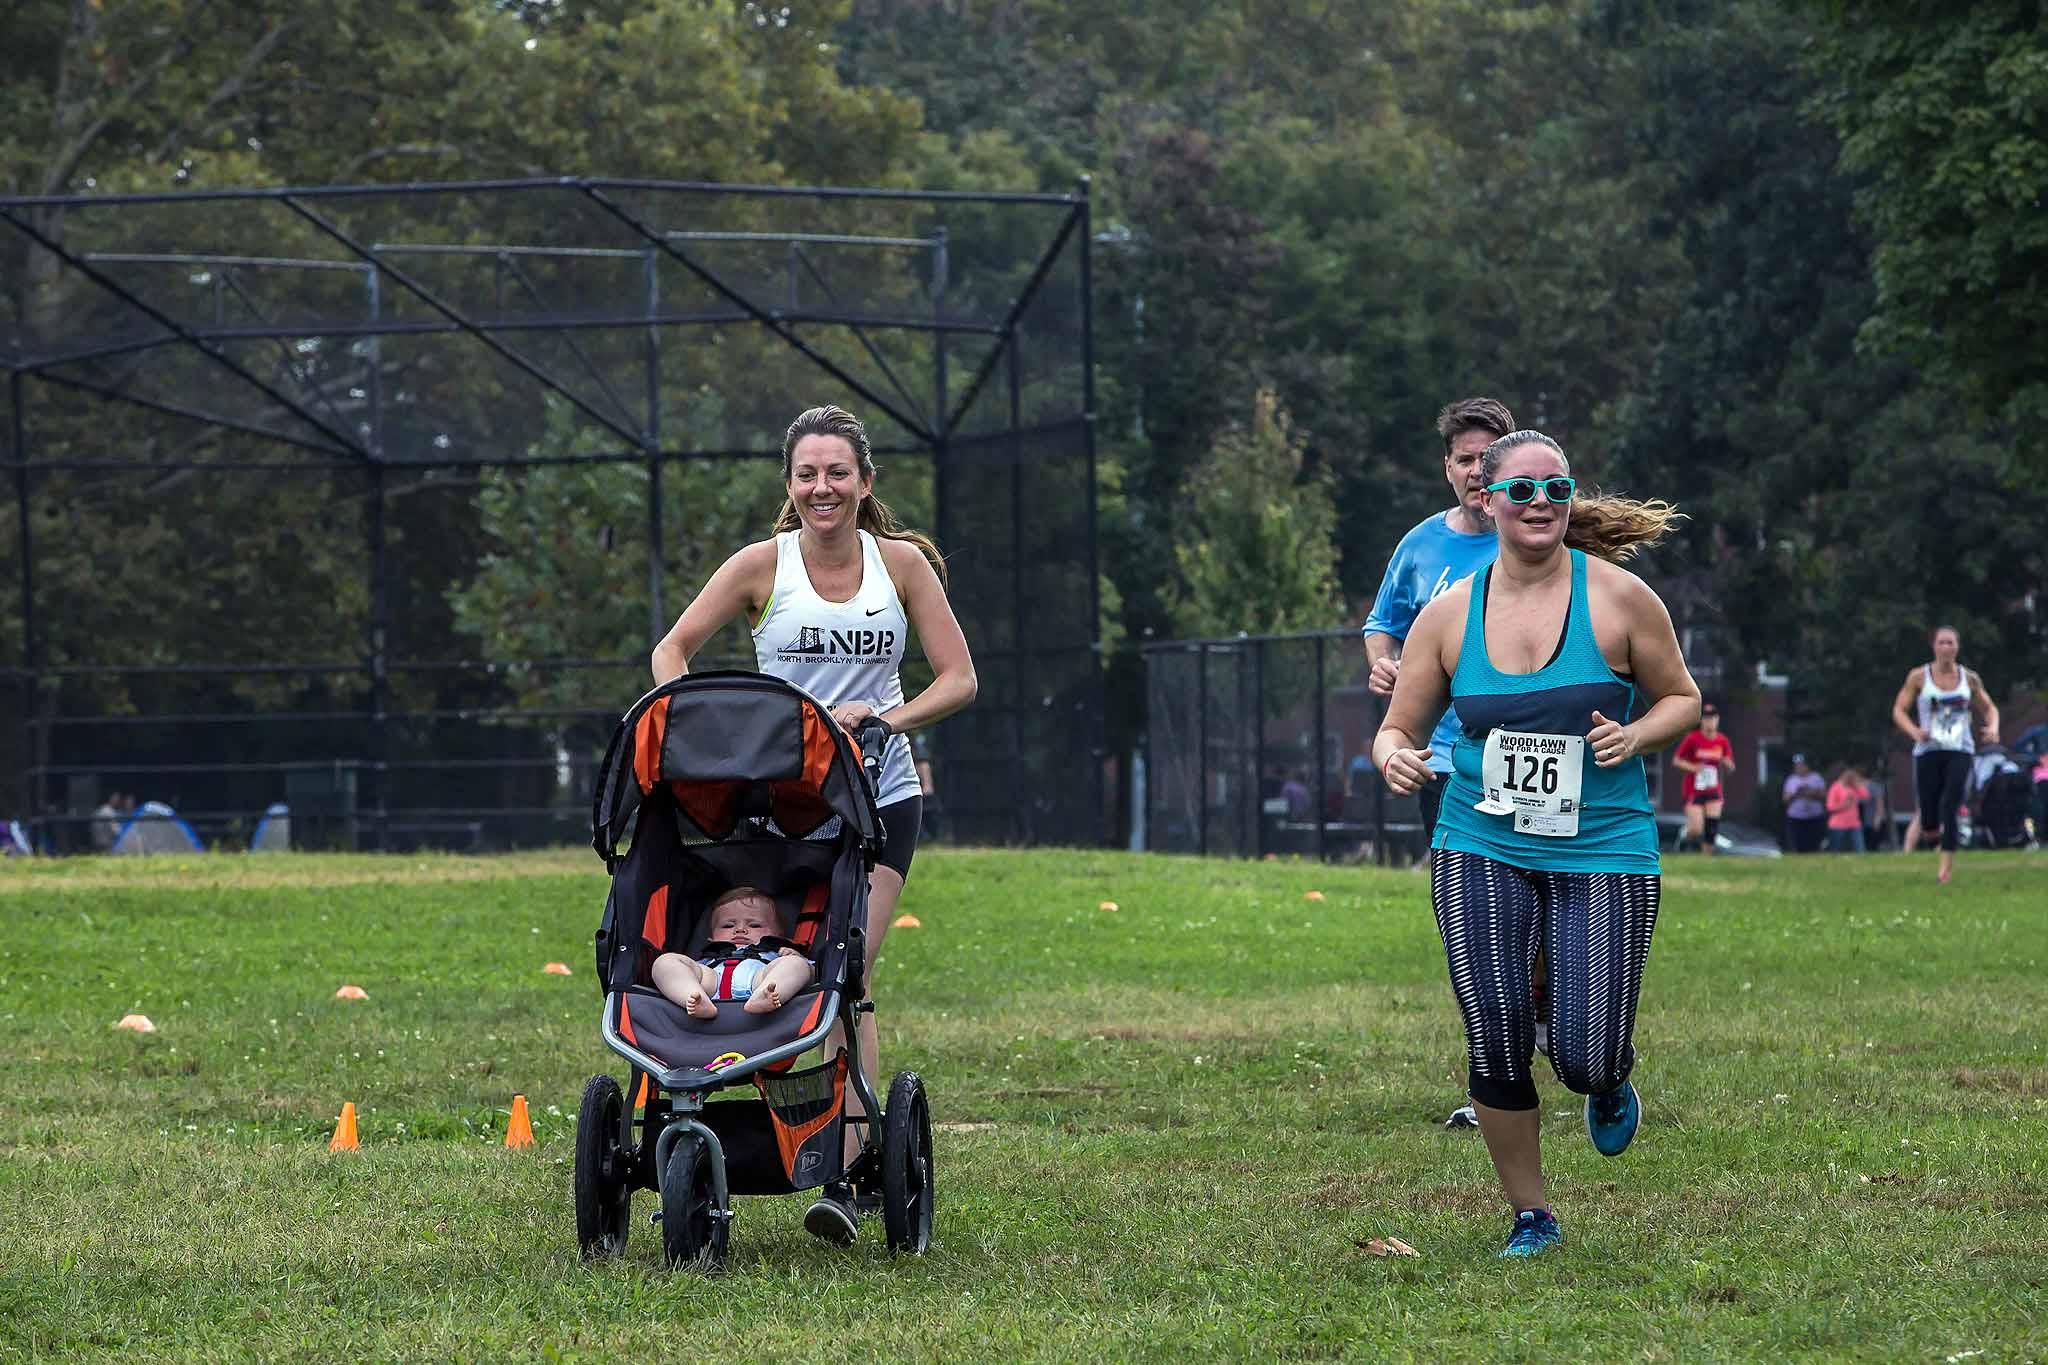 133-Woodlawn Run for a Cause-337.jpg